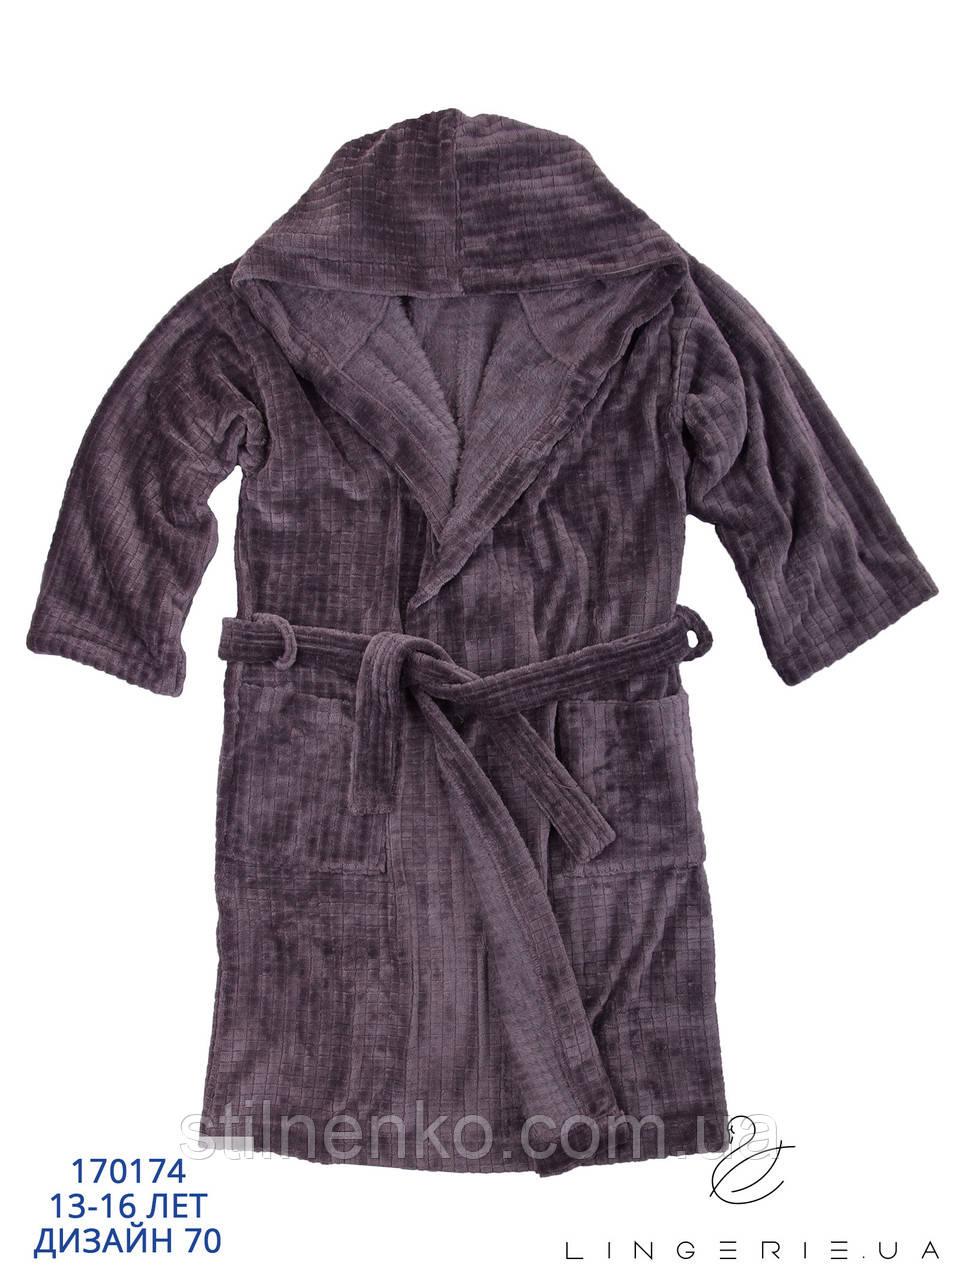 Детский махровый халат  (подростковый) вельсофт